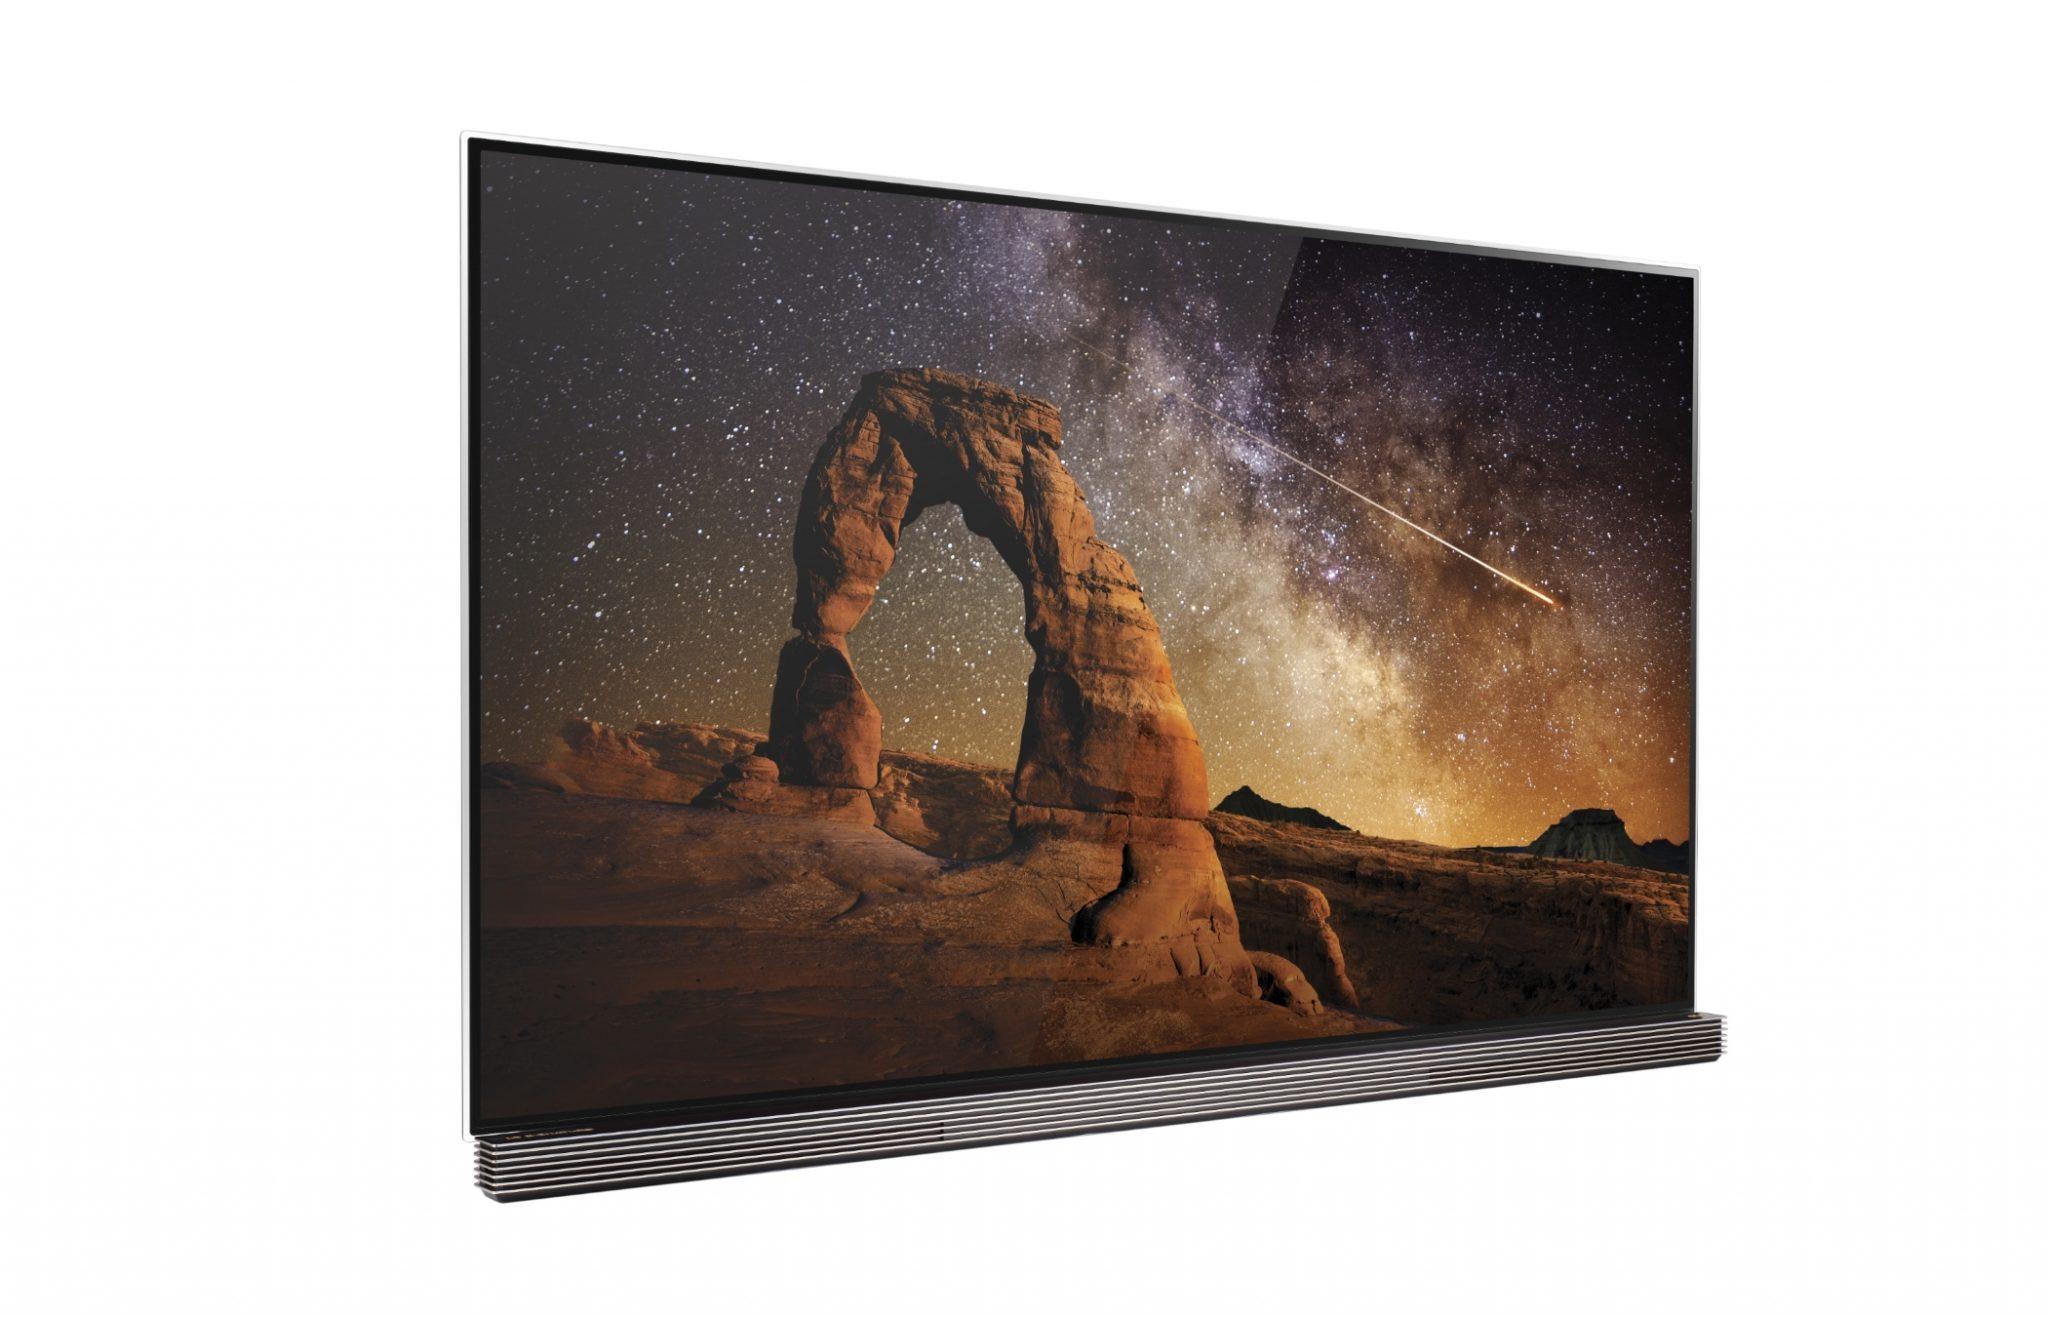 Nuove TV oled LG: il nuovo concetto di lusso